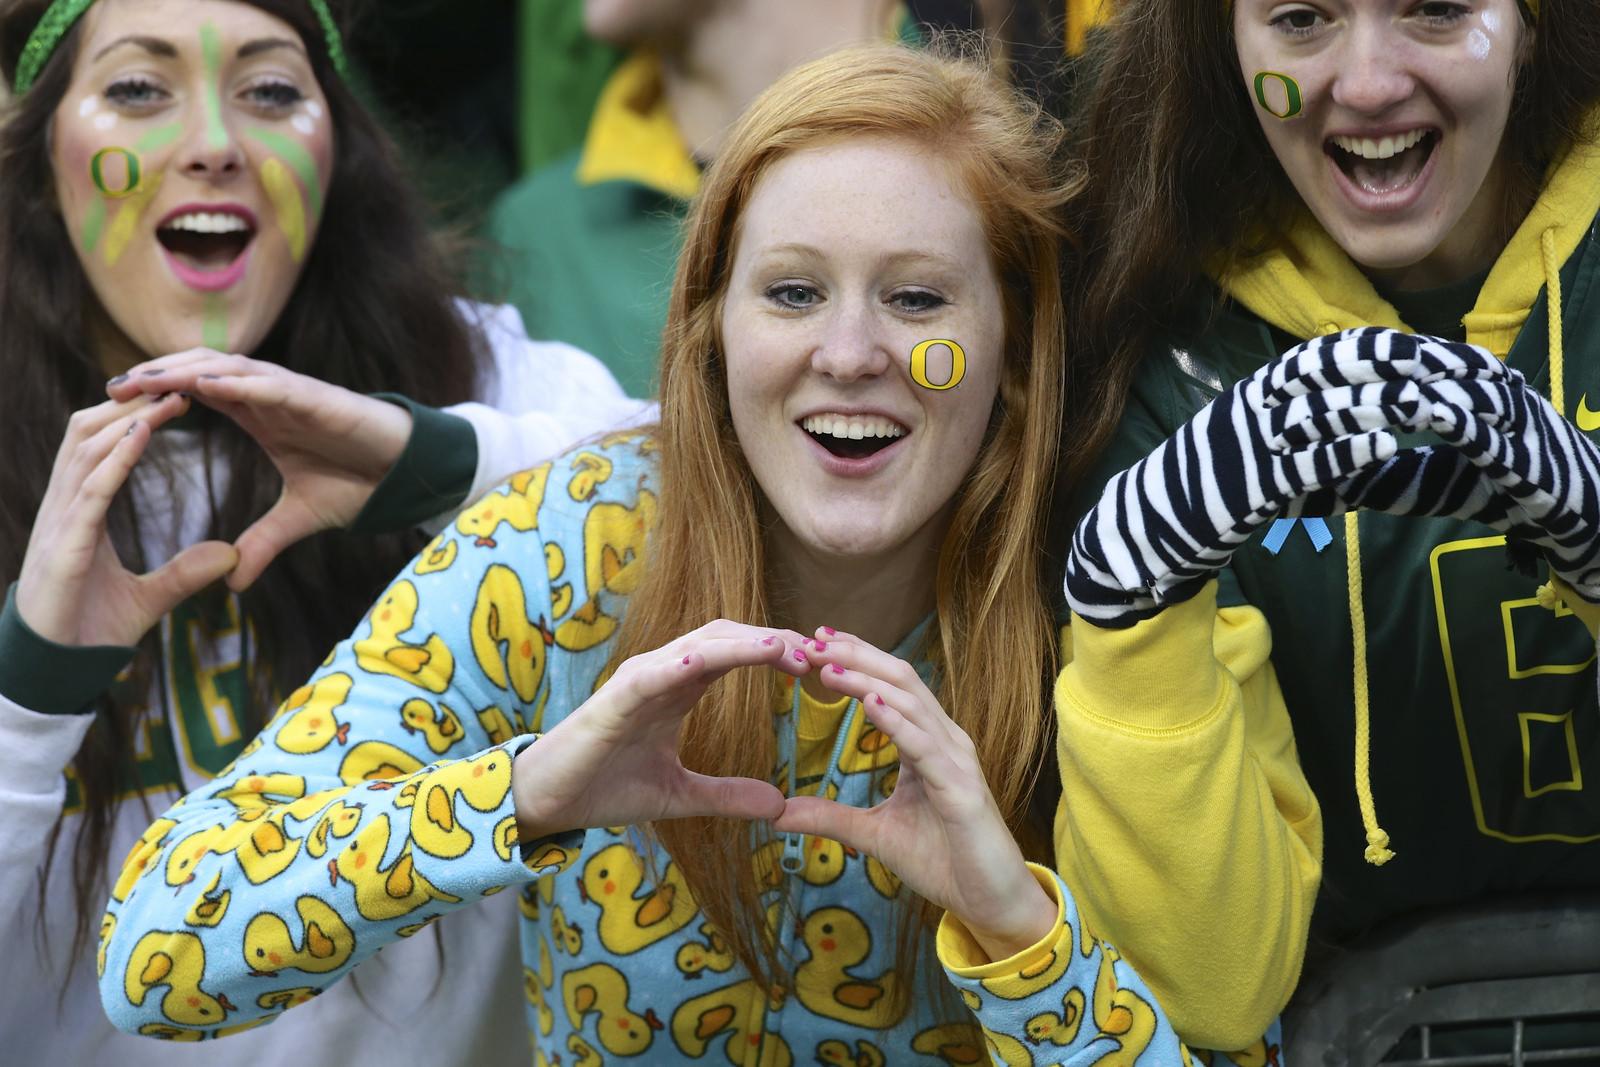 O Oregon Ducks fans